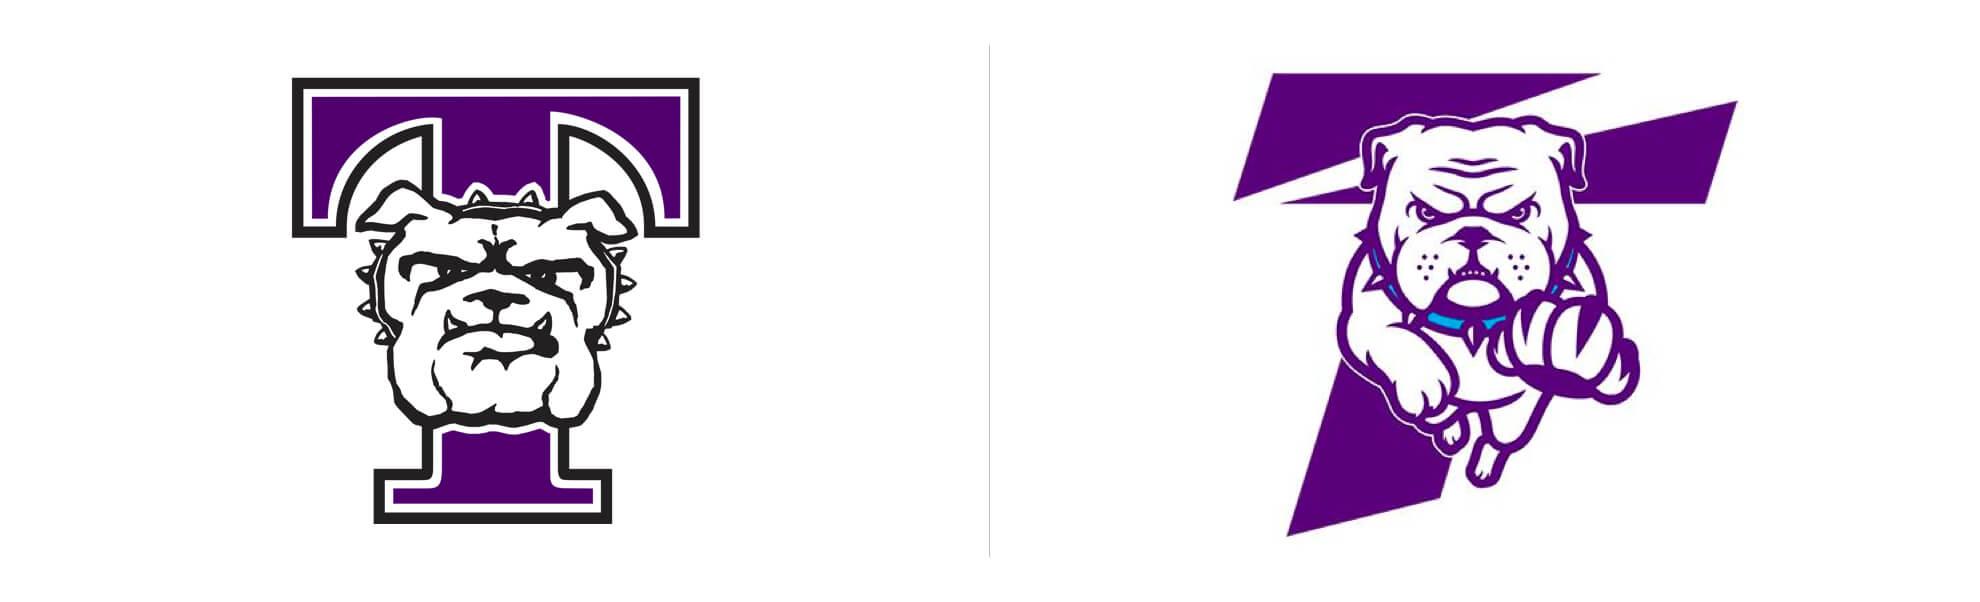 sportowcy zTruman State University równiez znowym logo